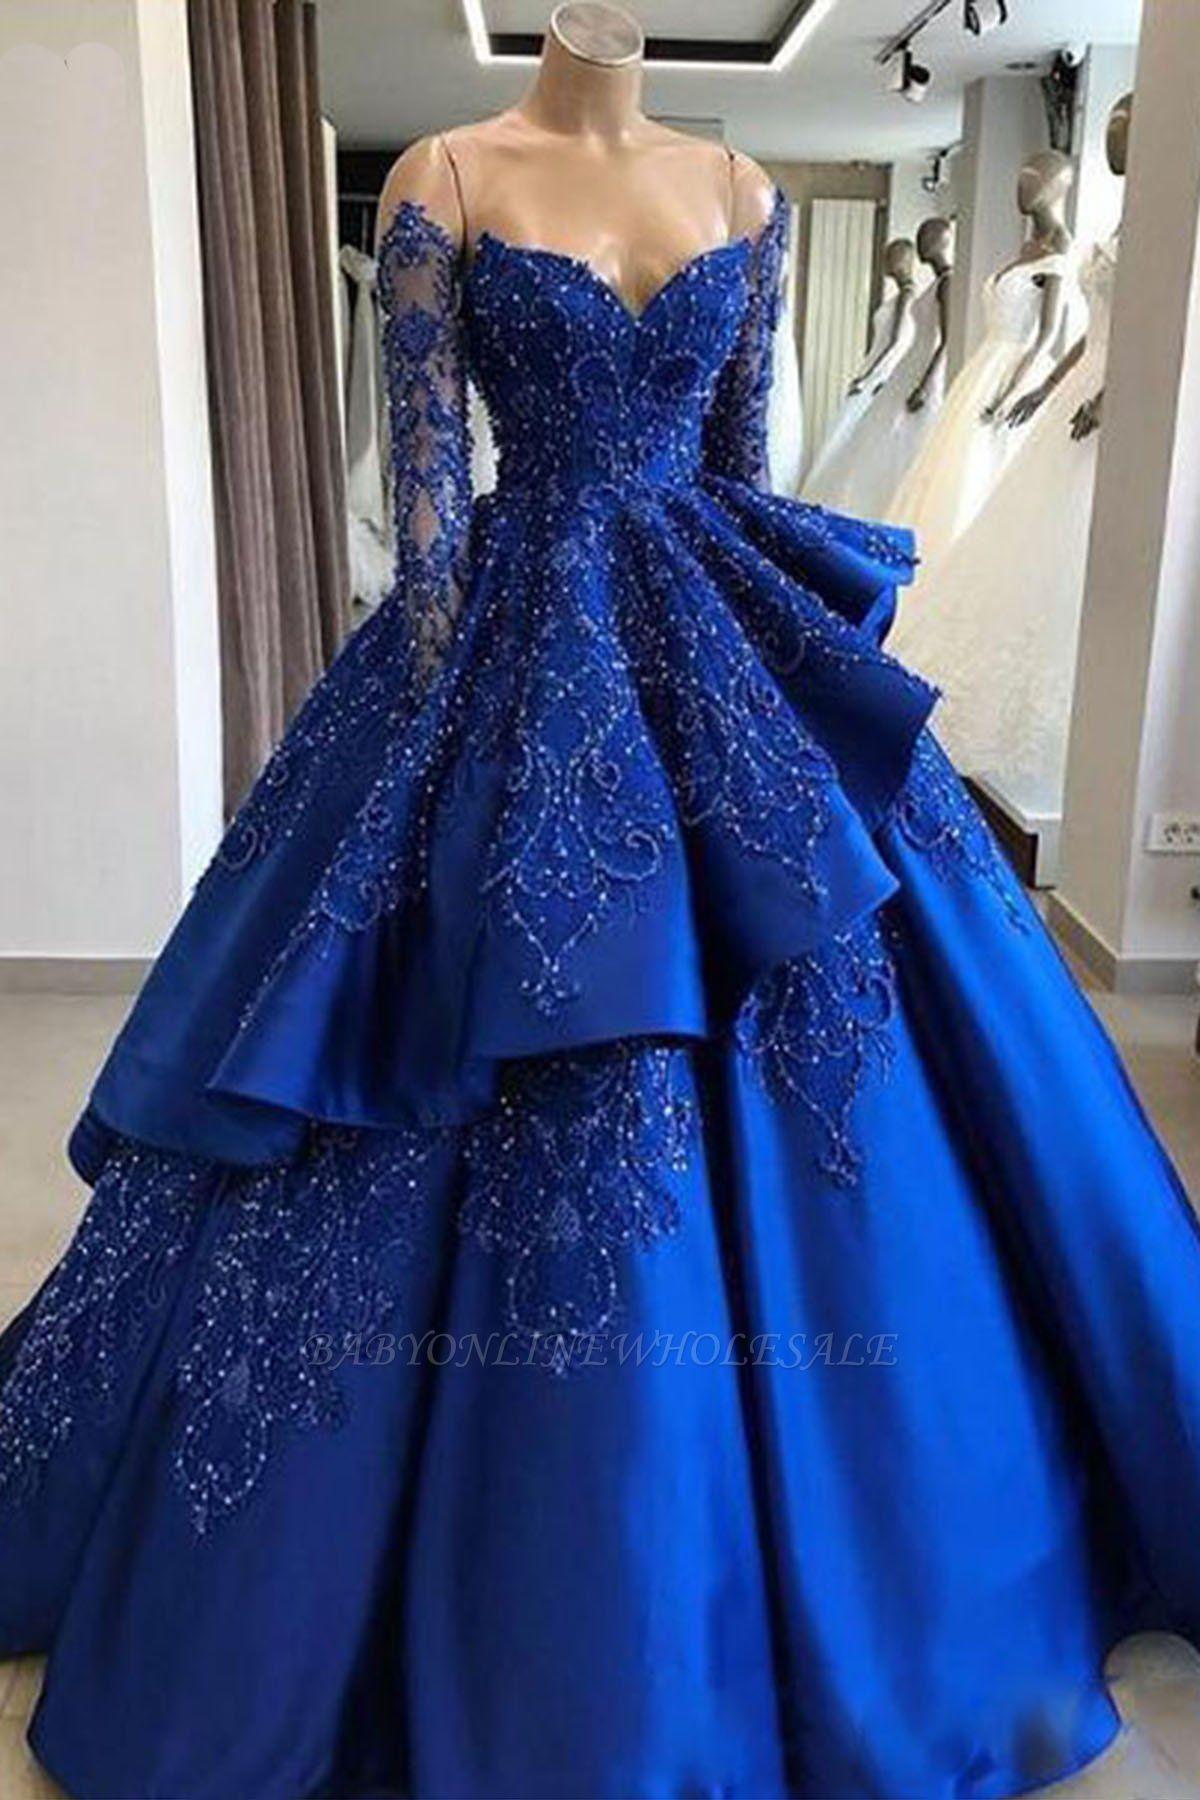 Precioso vestido de fiesta con volantes de encaje azul real | Granos sin tirantes de novia vestidos de quinceañera